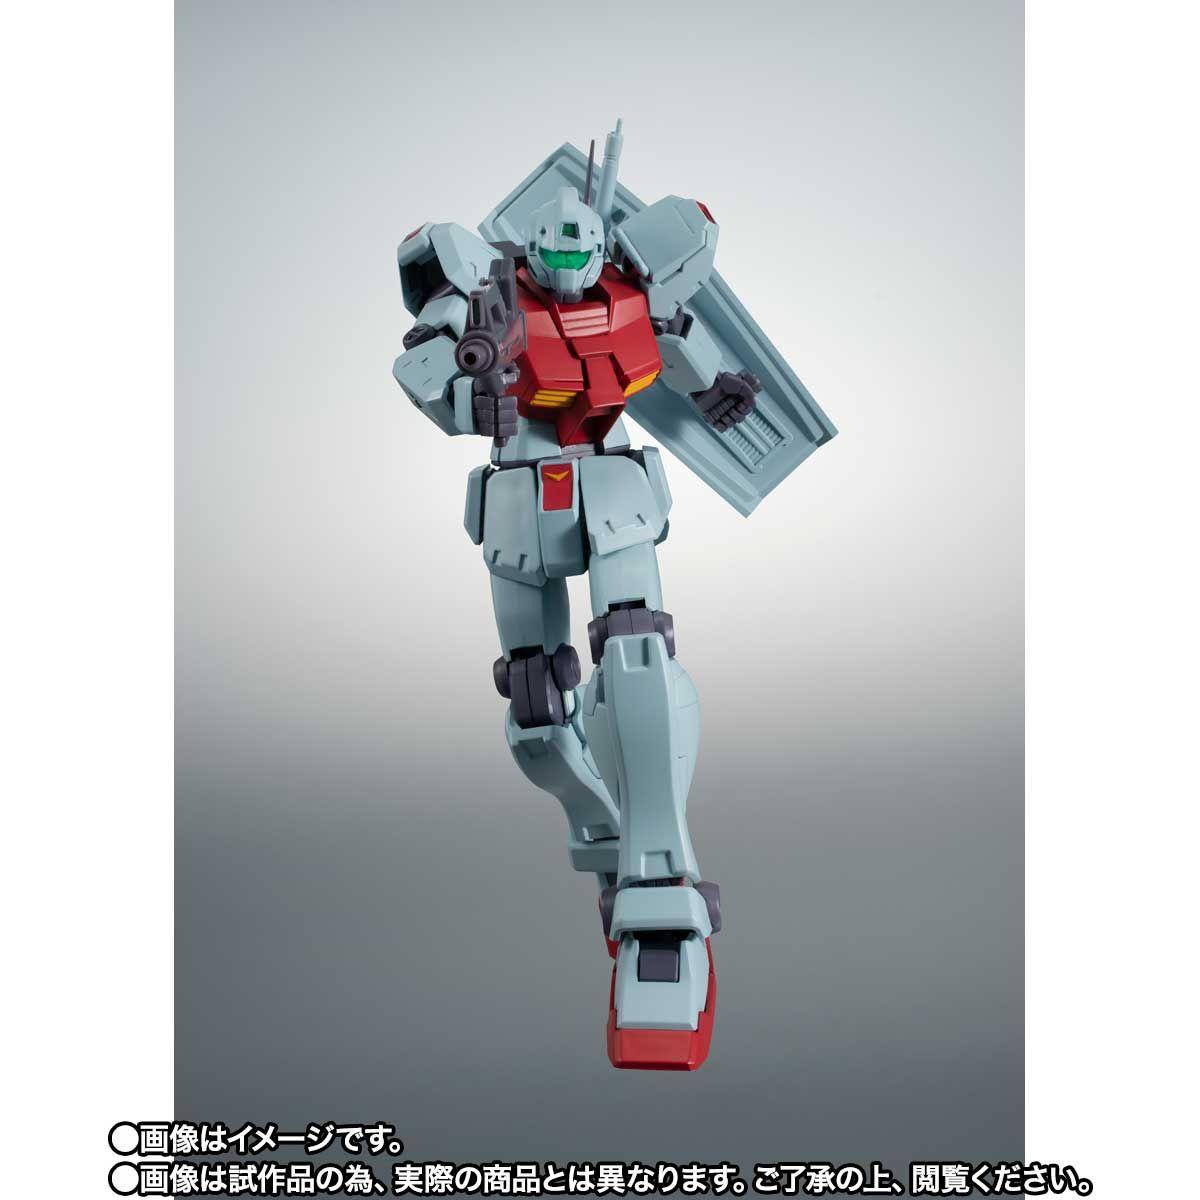 【限定販売】ROBOT魂〈SIDE MS〉『RGM-79C ジム改 宇宙戦仕様 ver. A.N.I.M.E.』ガンダム0083 可動フィギュア-007